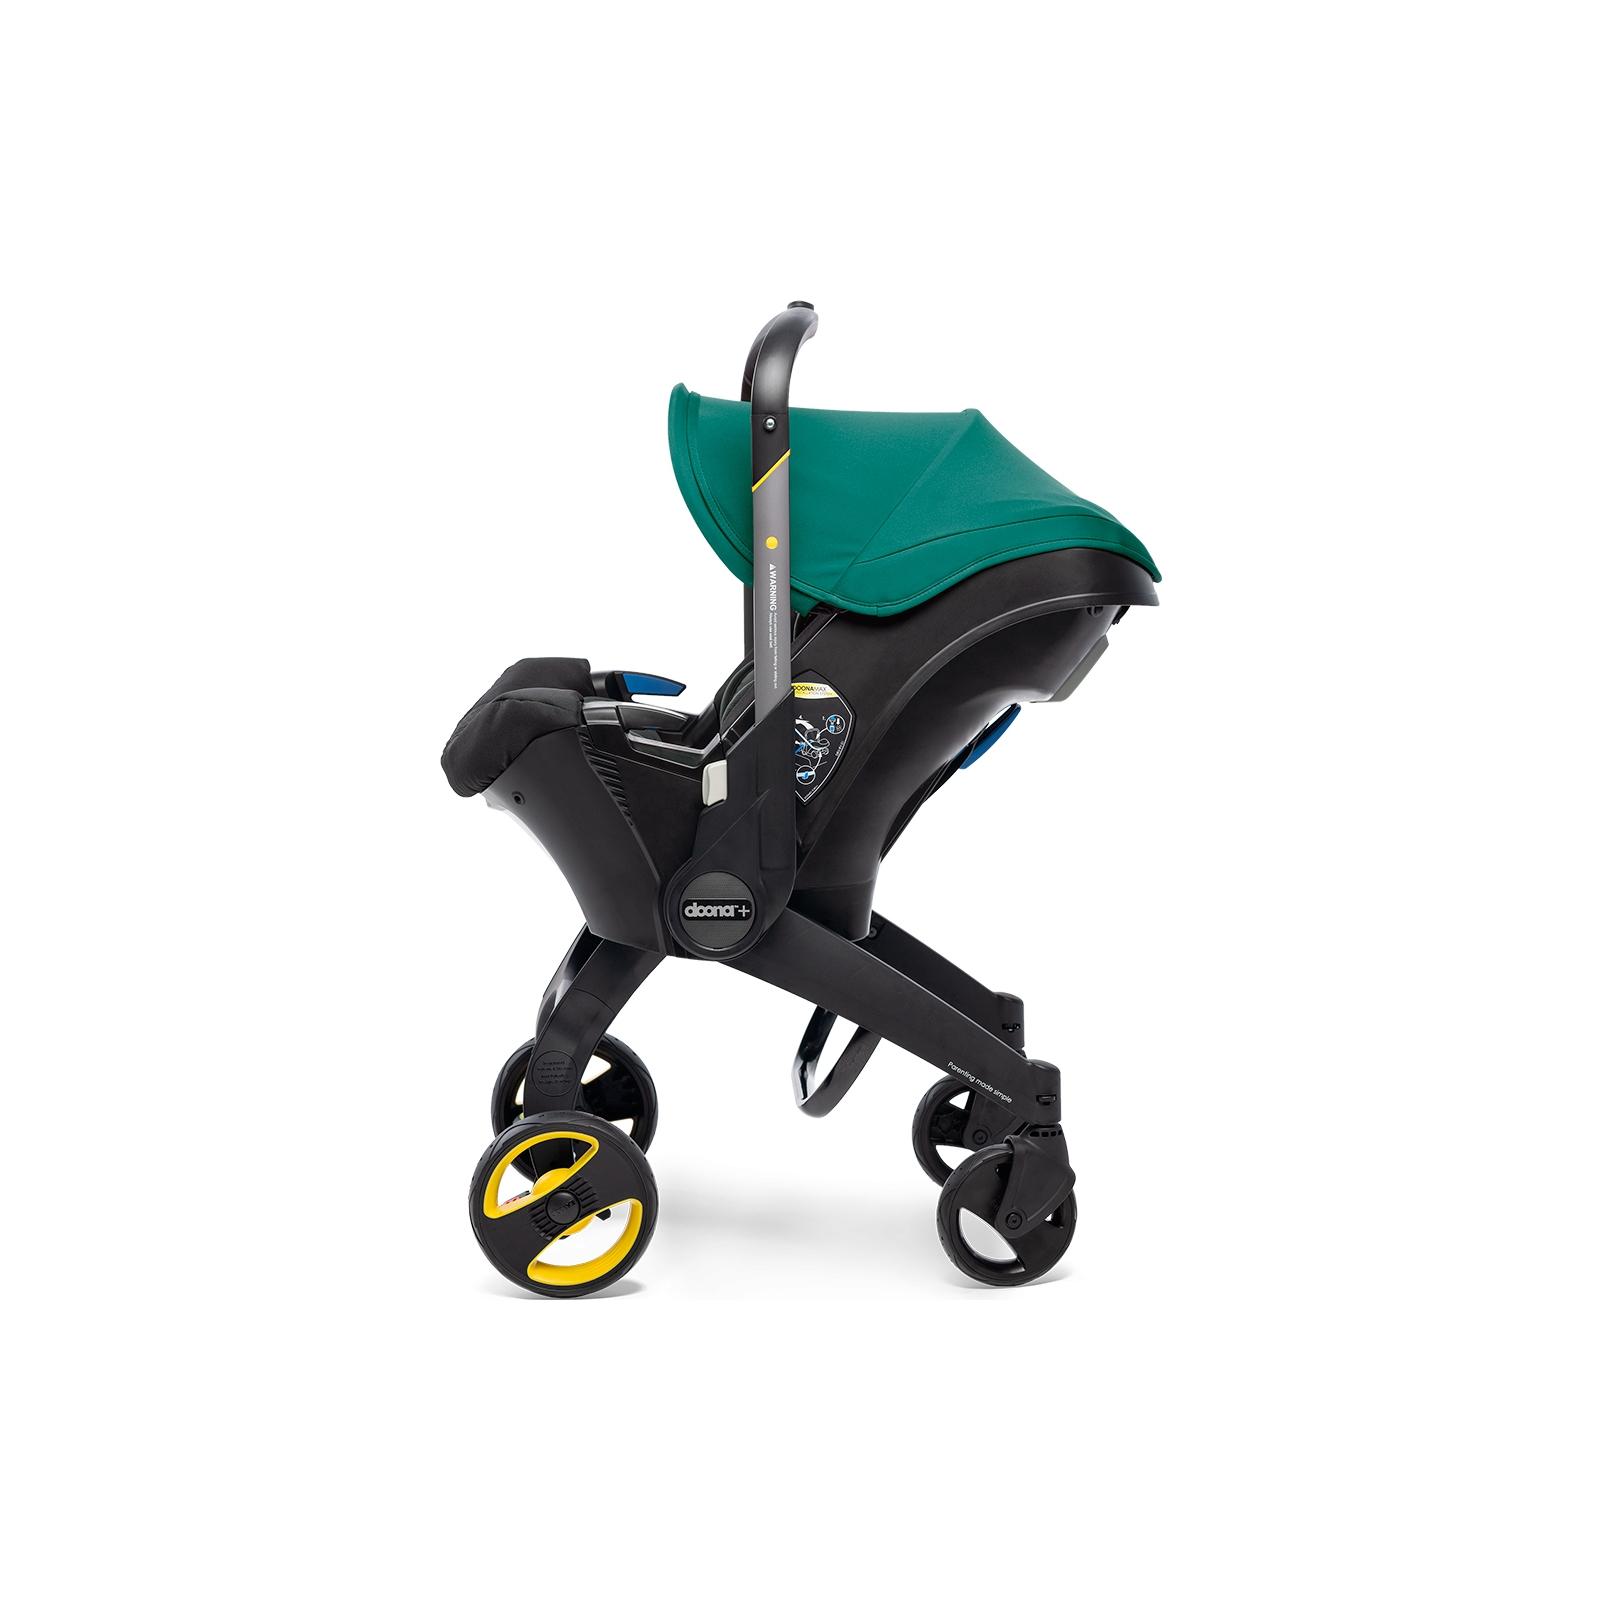 Автокресло Doona Infant Car Seat / Серое (SP150-20-006-015) изображение 5